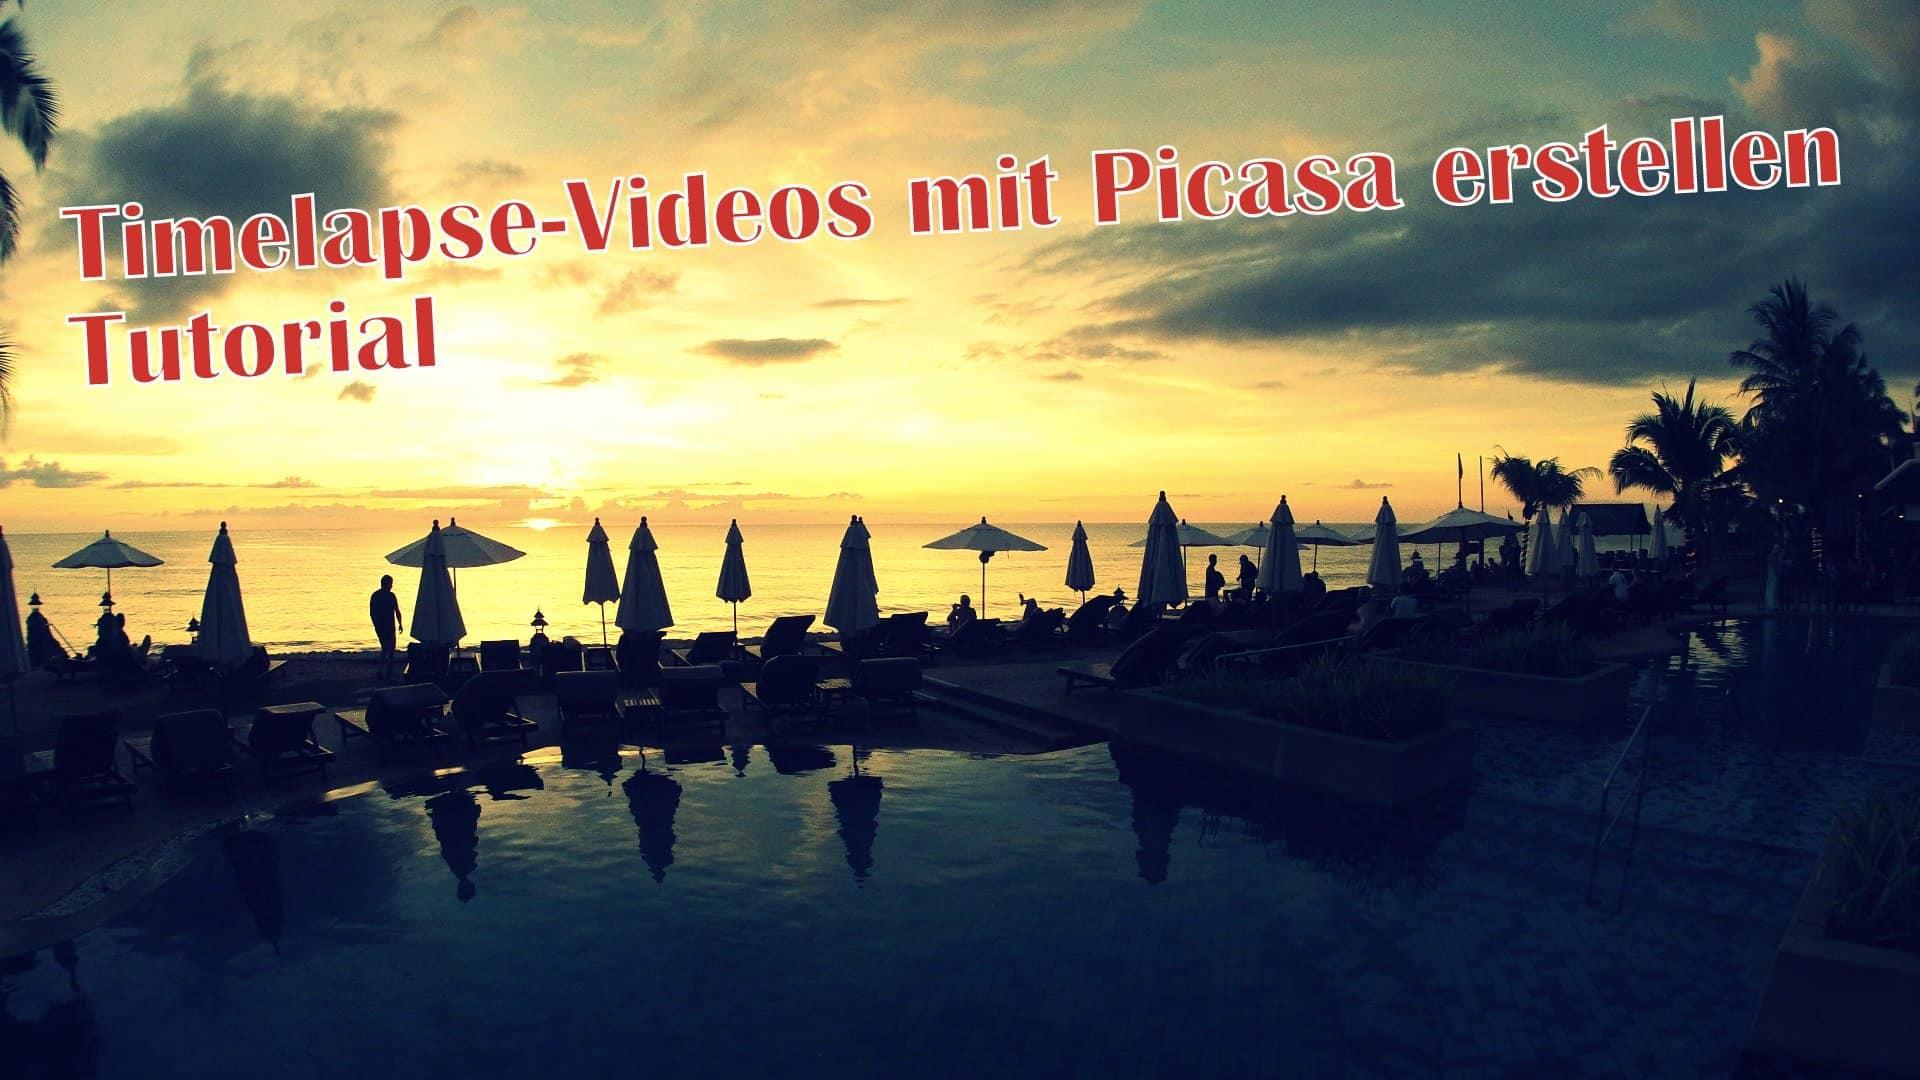 Timelapse-Video mit Picasa erstellen - Tutorial - TechNChili Blog